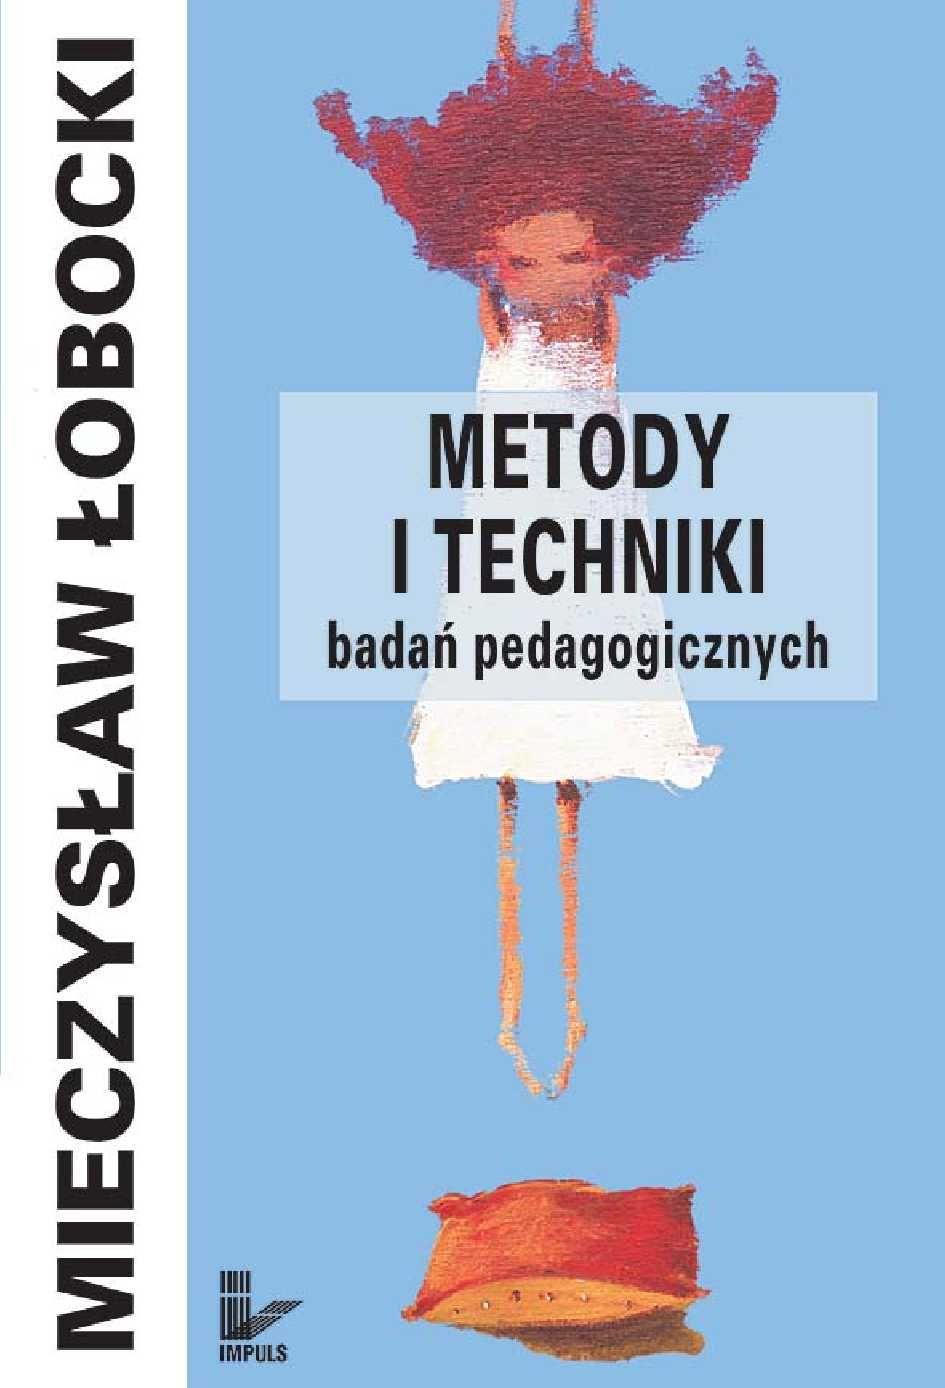 Metody i techniki badań pedagogicznych - Ebook (Książka EPUB) do pobrania w formacie EPUB